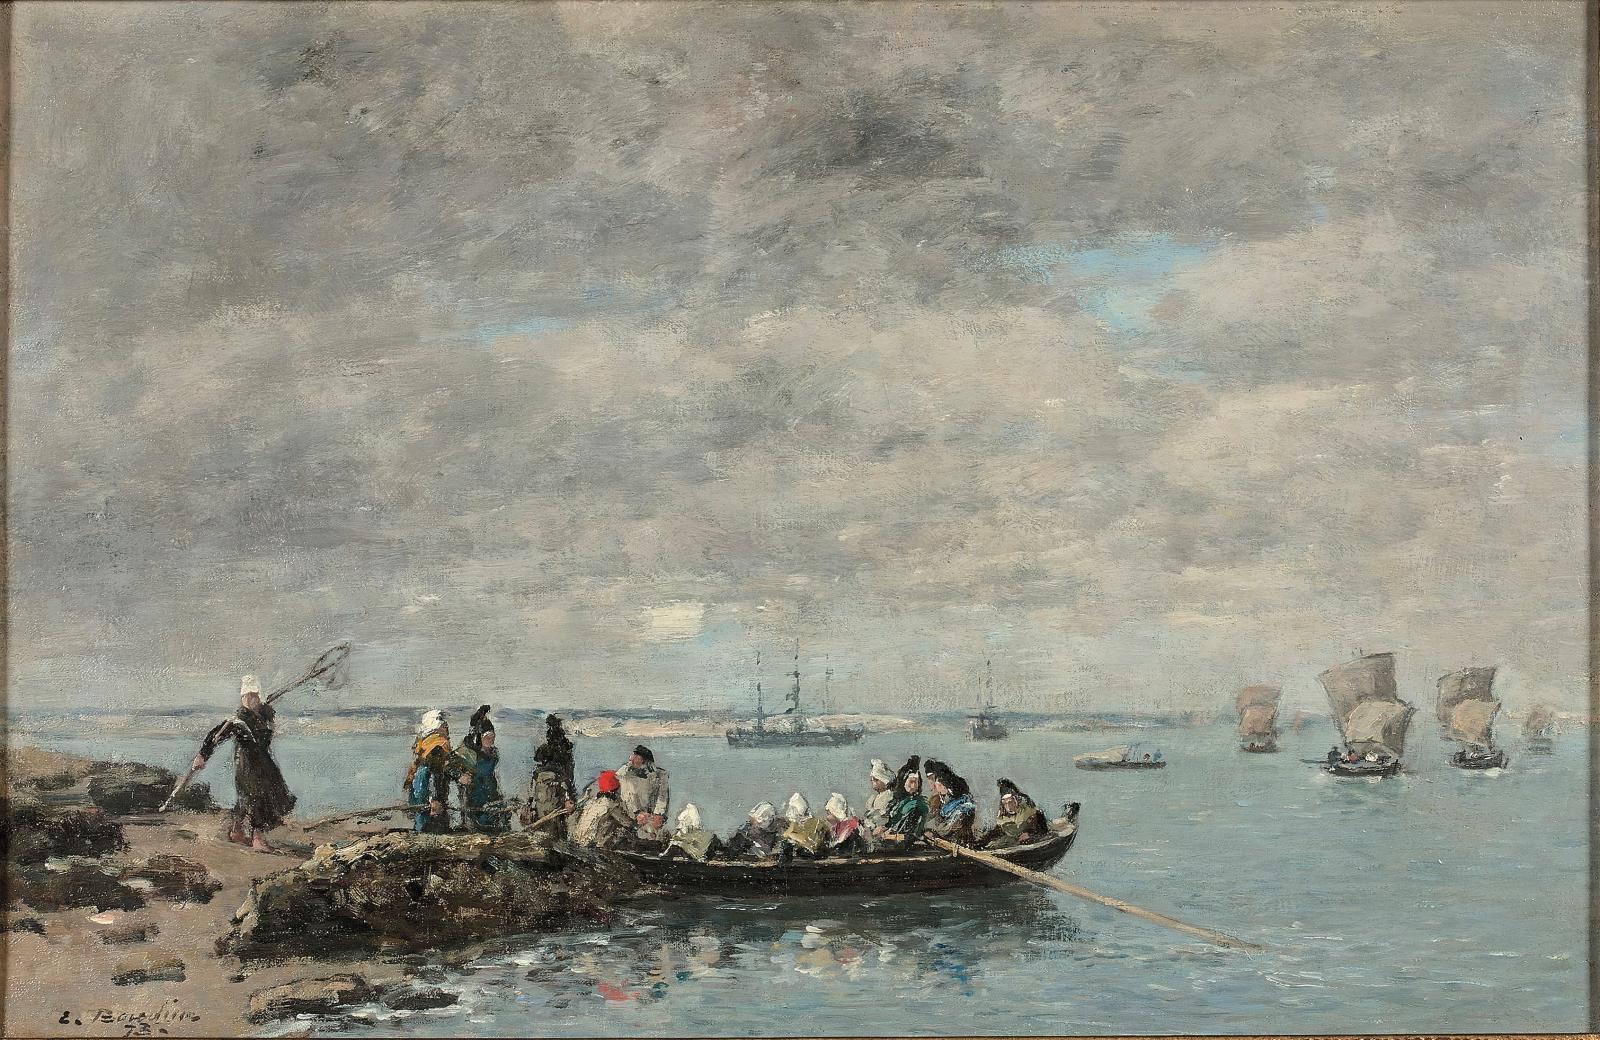 Une huile sur toile de 1873 d'Eugène Boudin (1824-1898) embarquait à 103812€ avec les pêcheuses de Kerhor (30,8x46,6cm). Les coiffes blanches des